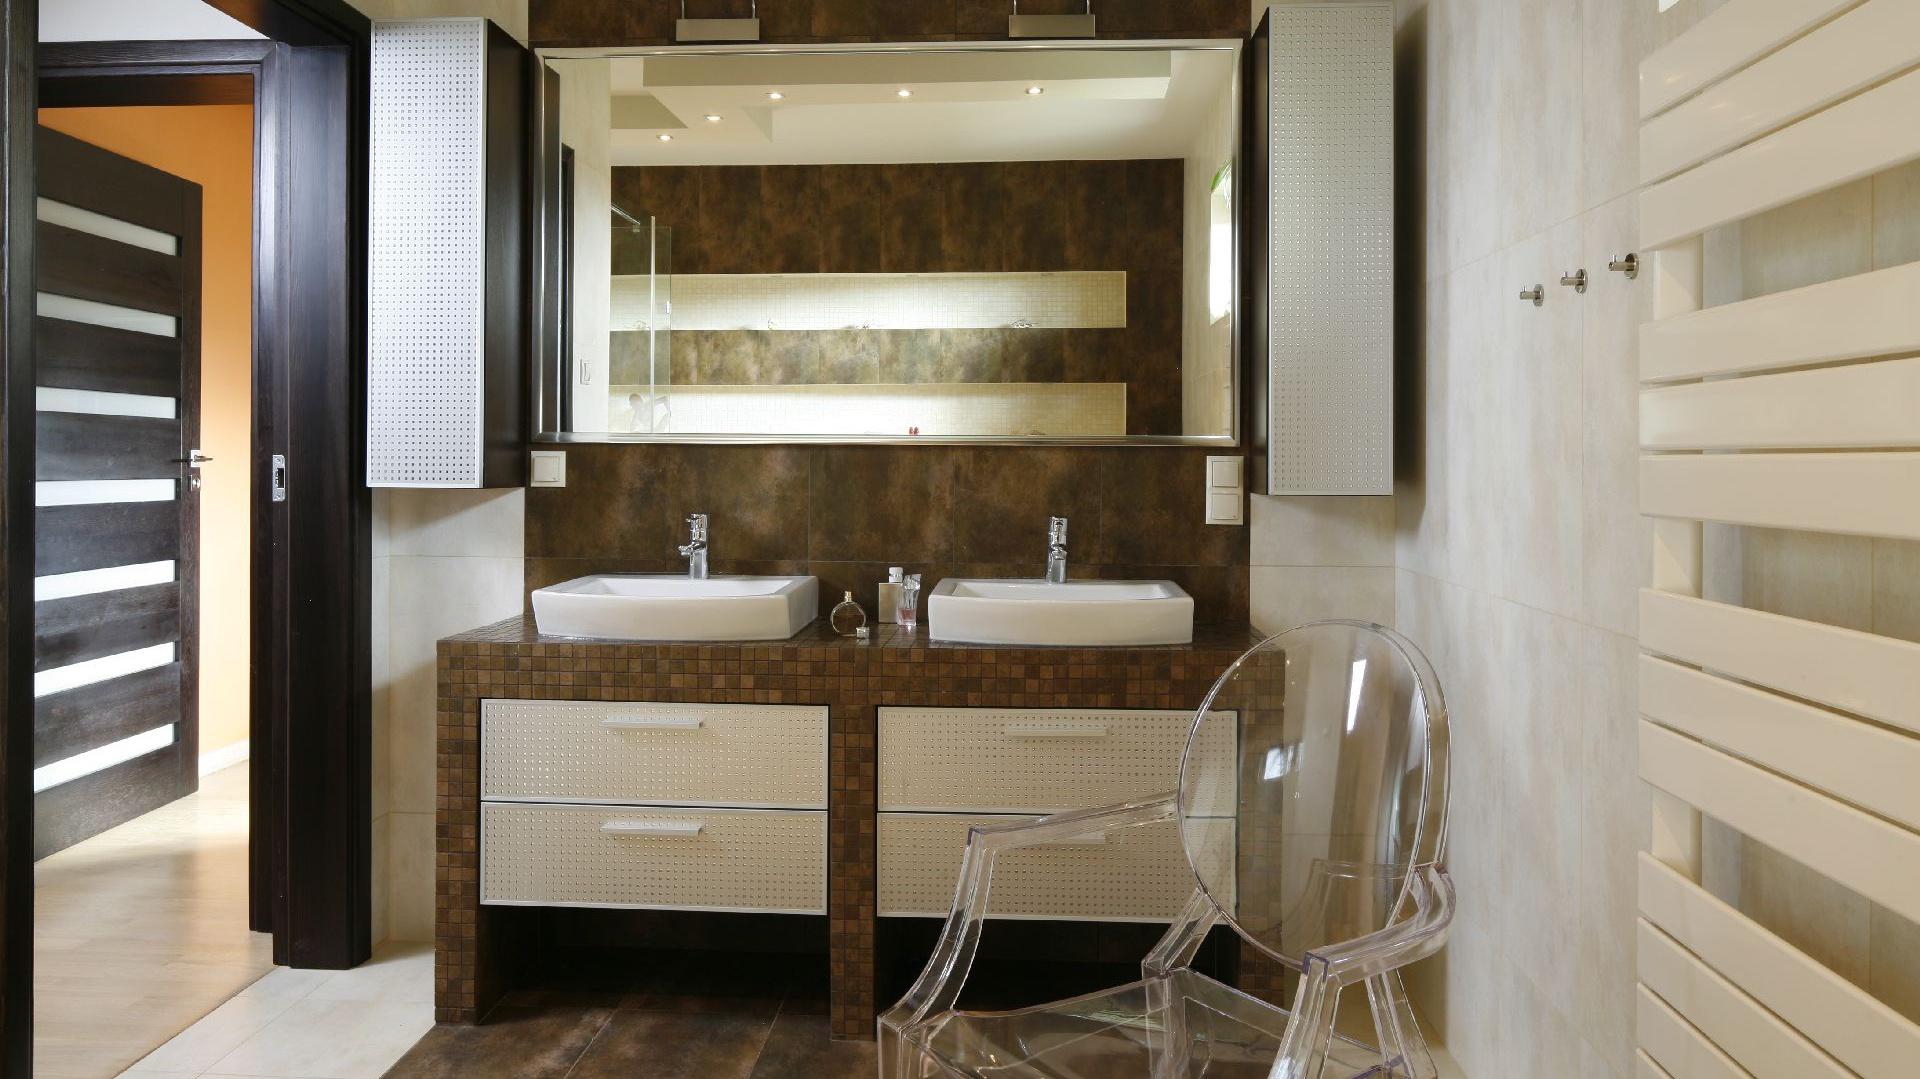 Podwójne umywalki to wygoda, która sprawdzi się zwłaszcza rano. Fot. Bartosz Jarosz.